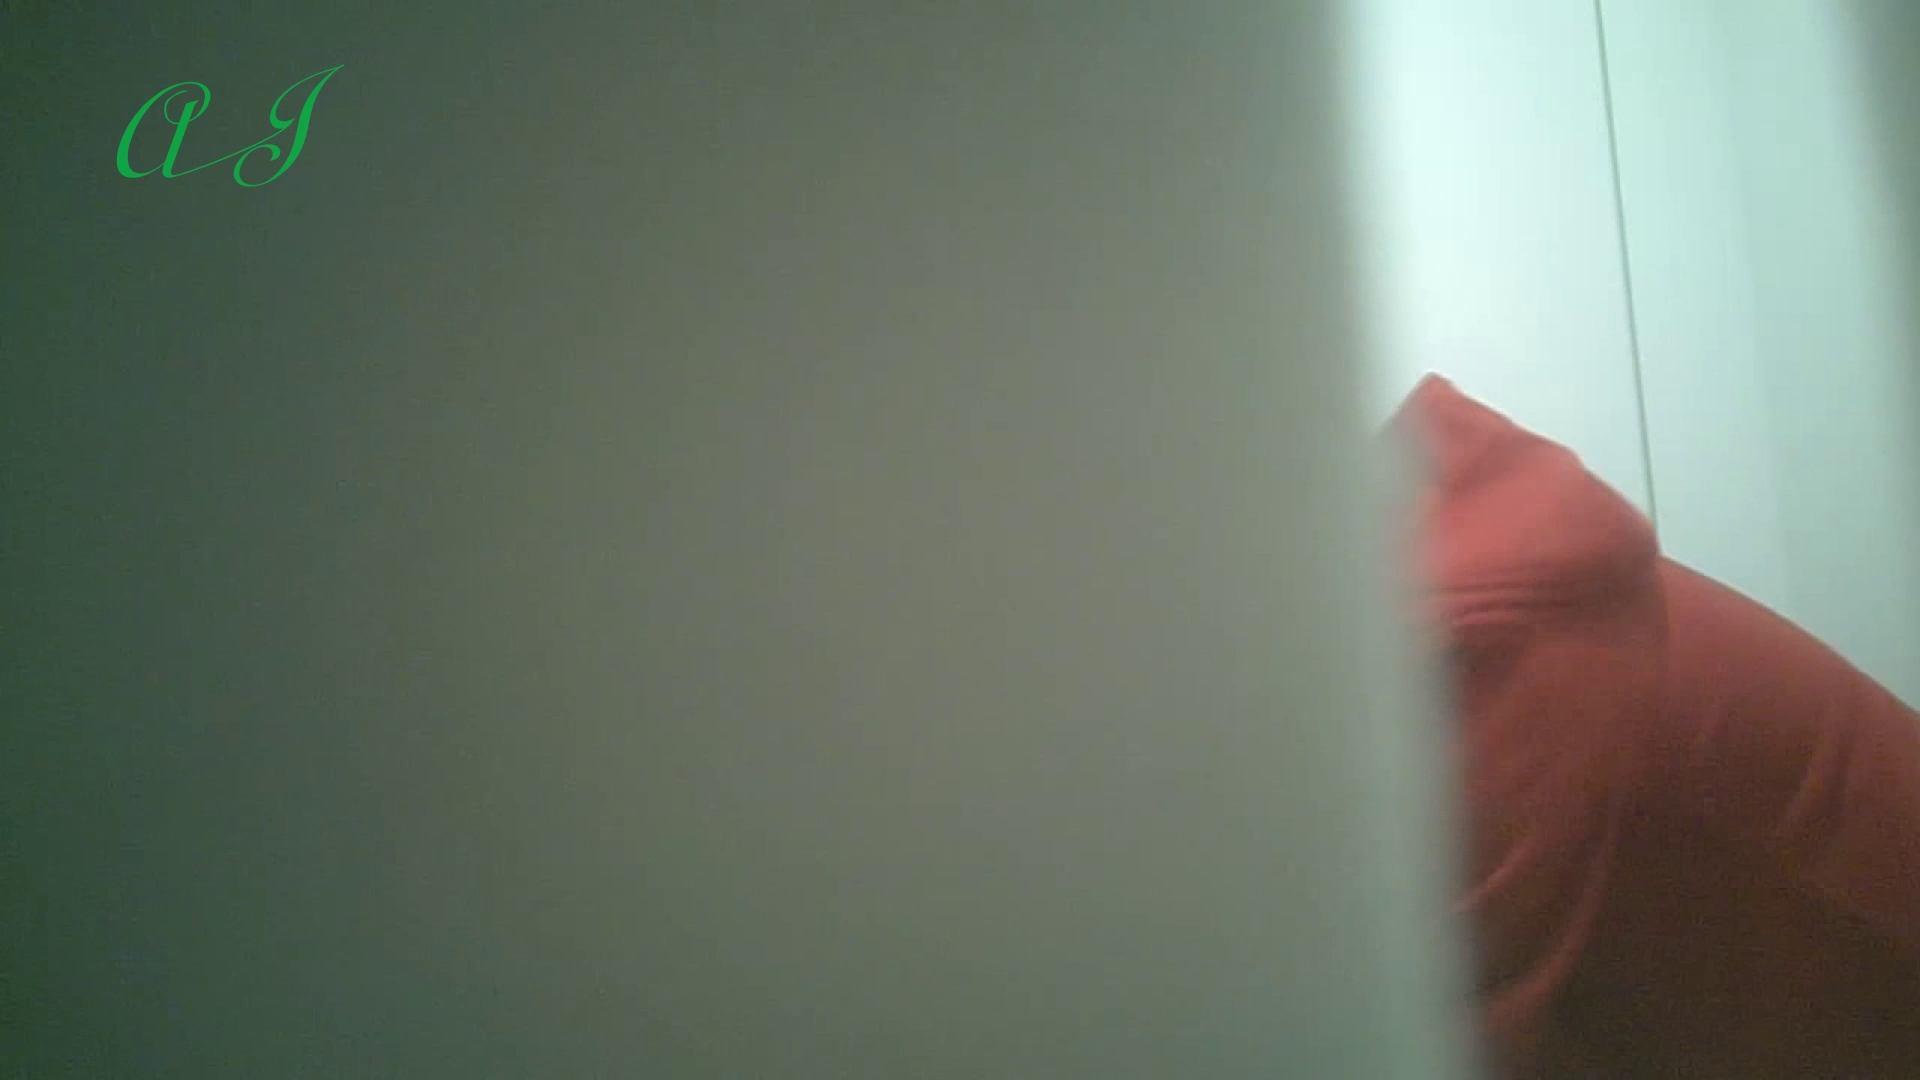 有名大学女性洗面所 vol.59 新アングル追加!相変わらずの美女率!! 和式 エロ画像 85PIX 12